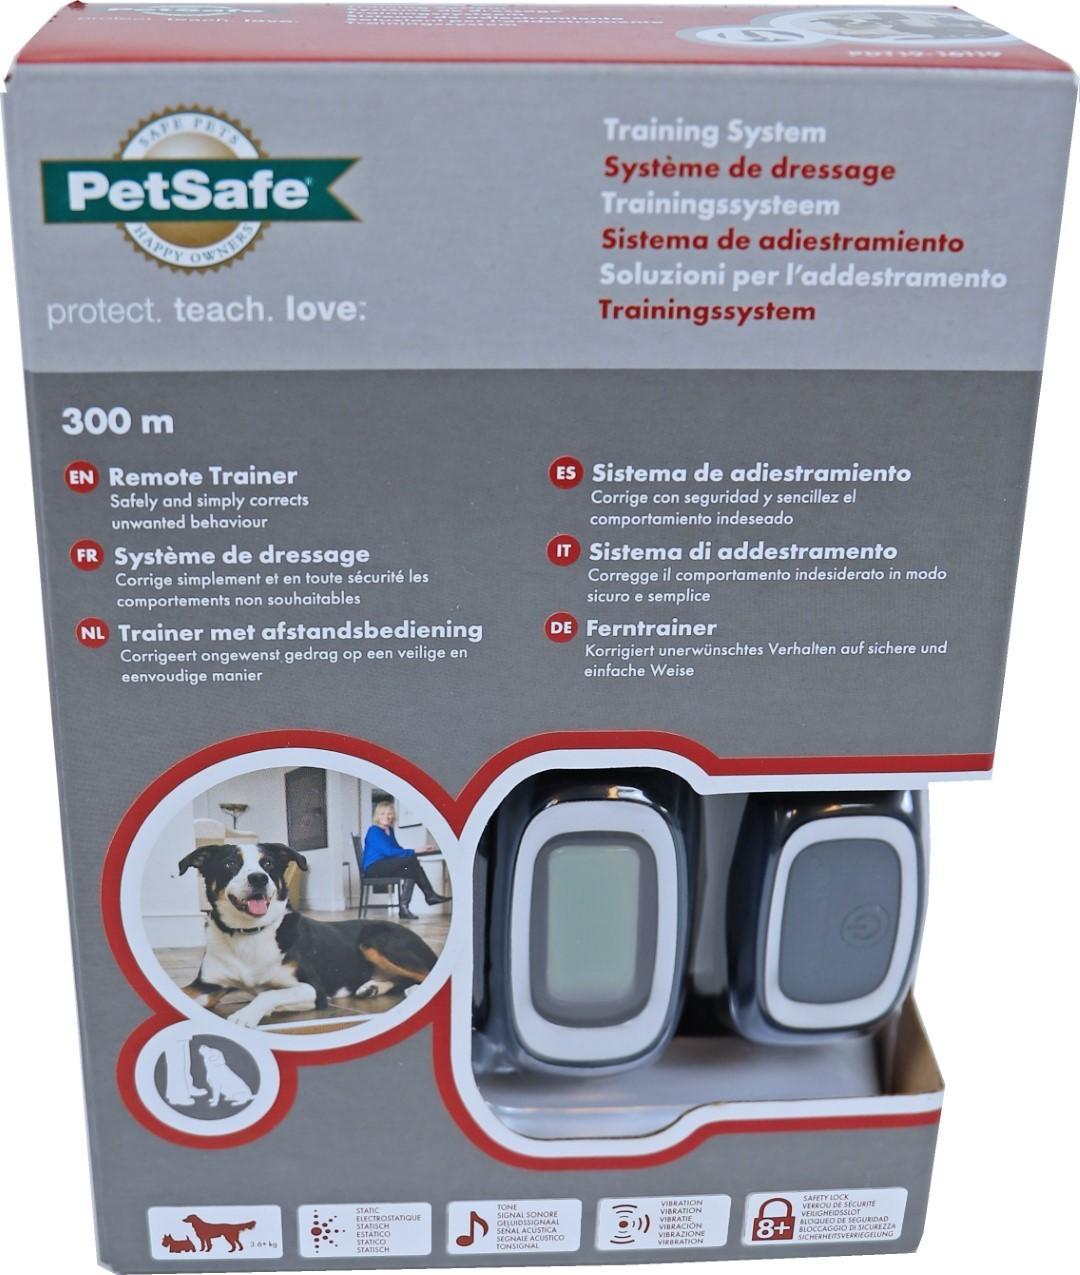 PetSafe digitale trainer 300 meter PDT19-16119